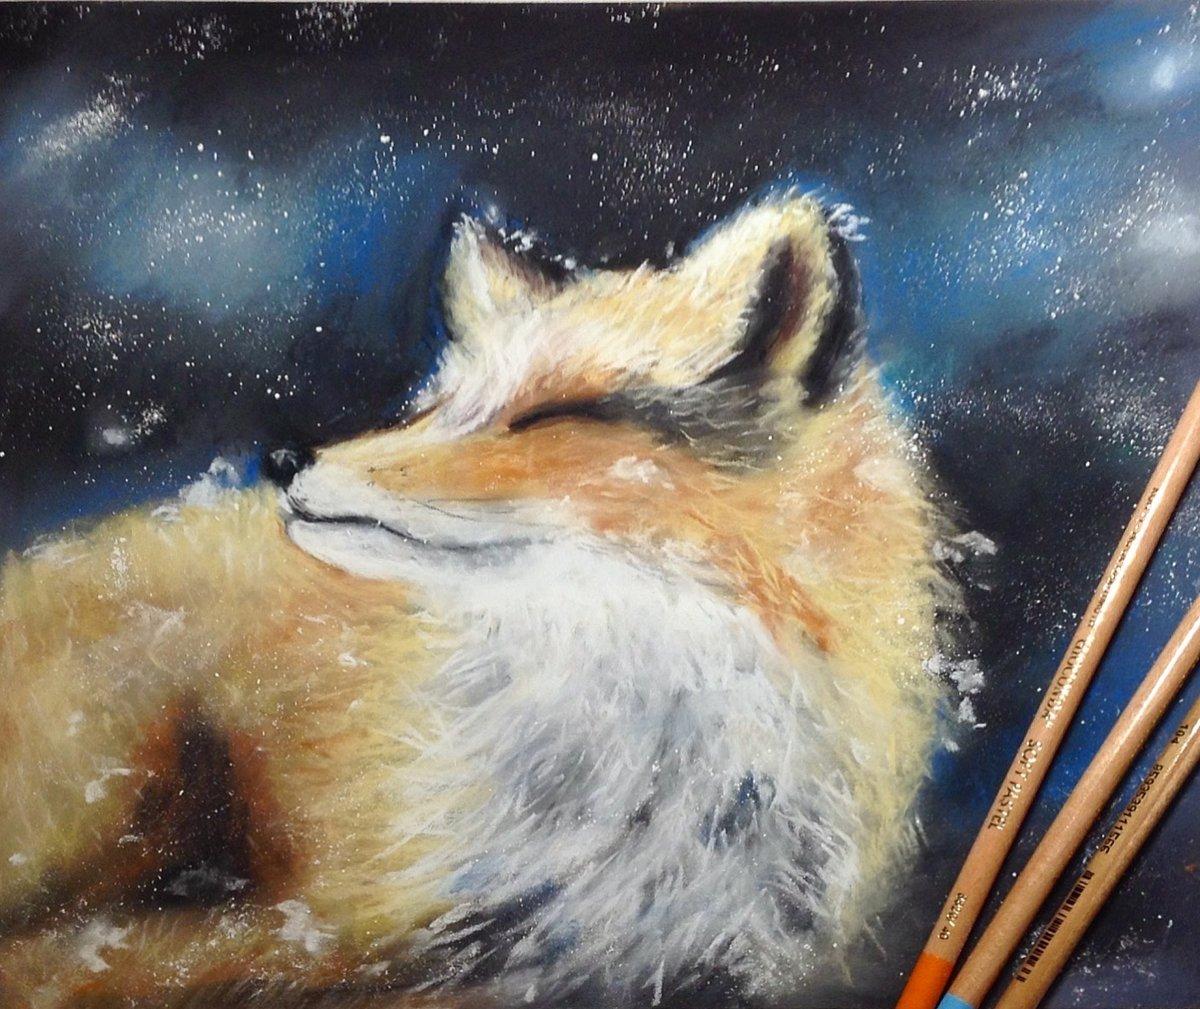 Картинка для рисования пастелью